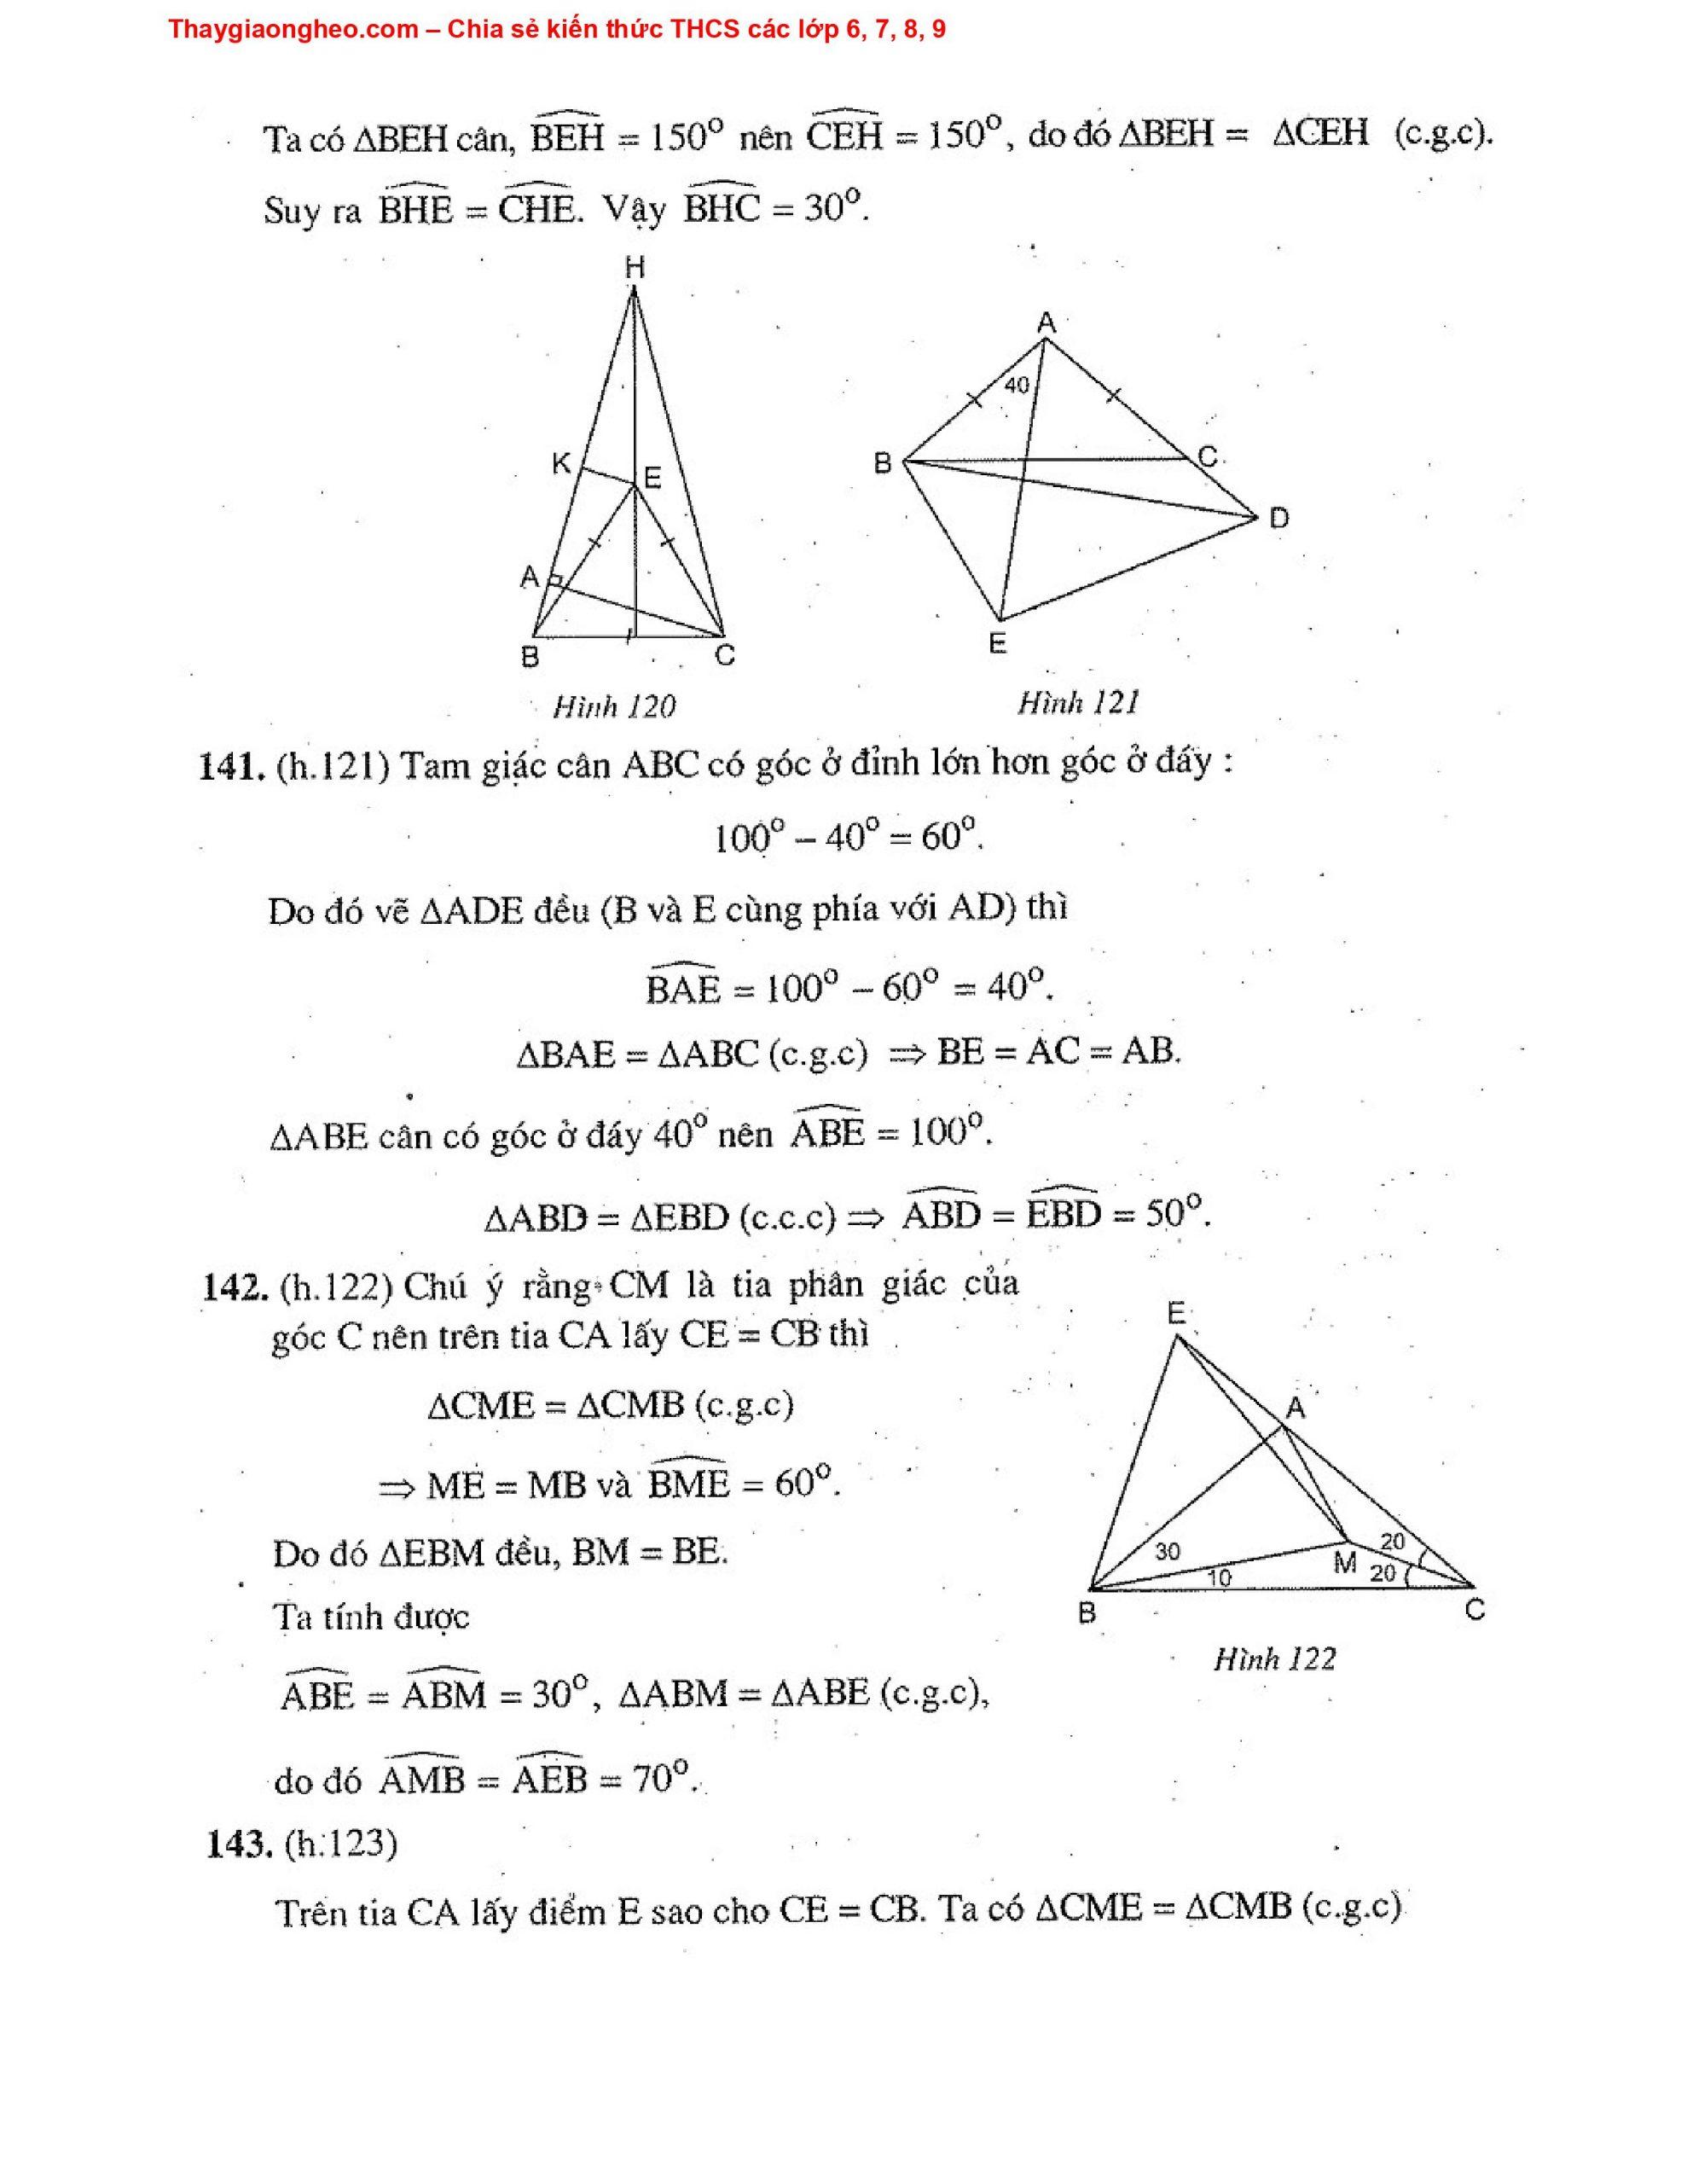 Toán Hình Học 7 Nâng Cao HK2 - Tập 2 Hay